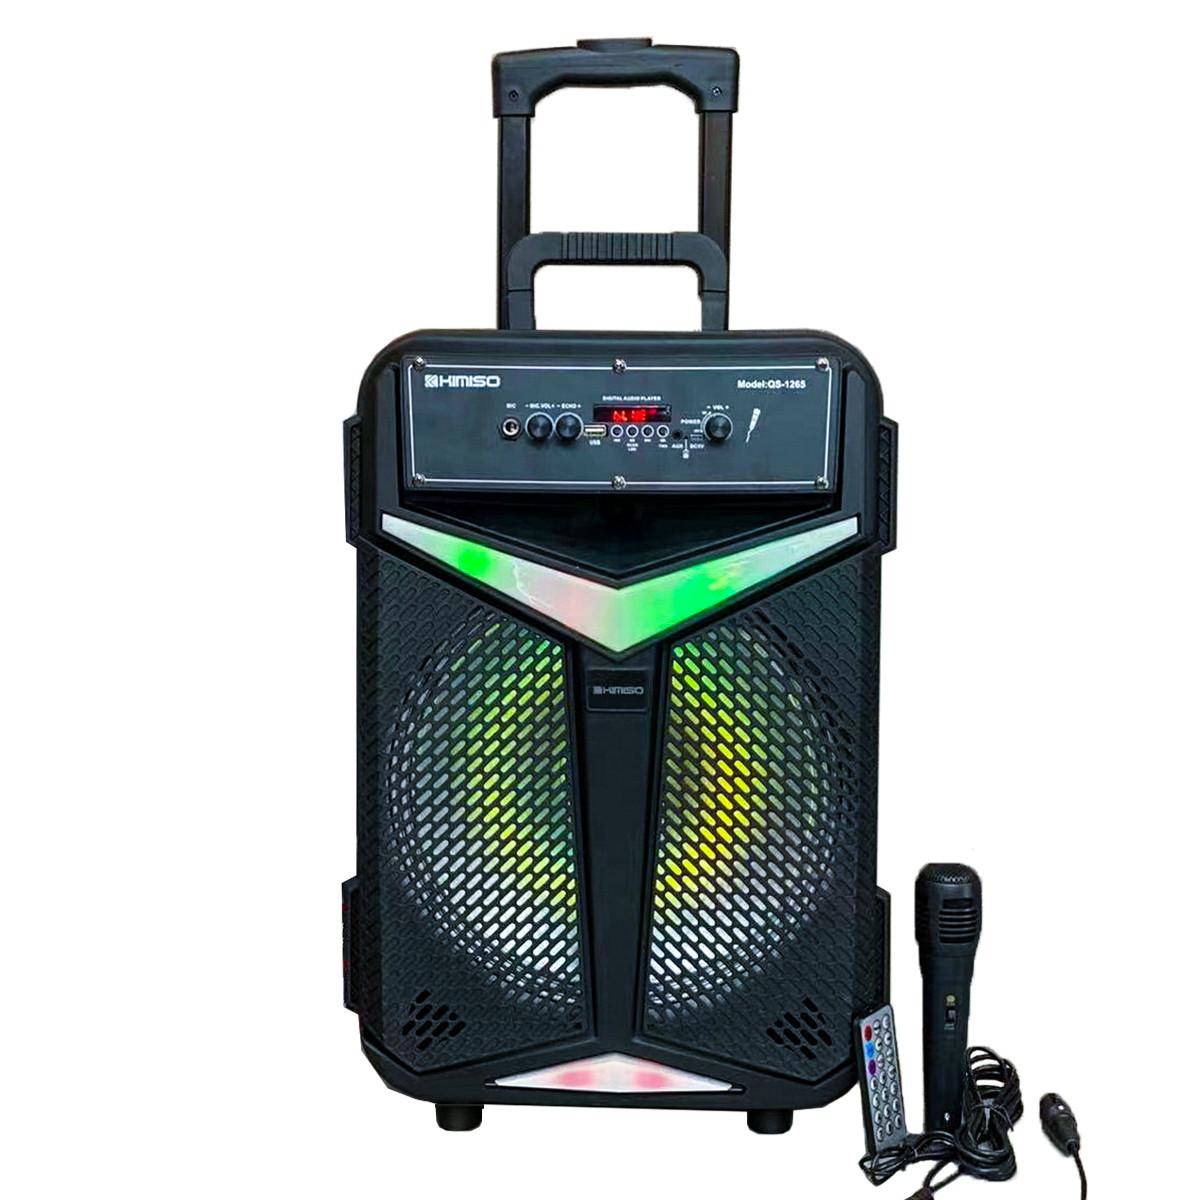 Портативная колонка Kimiso QS-1265 Bluetooth, с микрофоном для караоке, FM радио, MP3, пультом